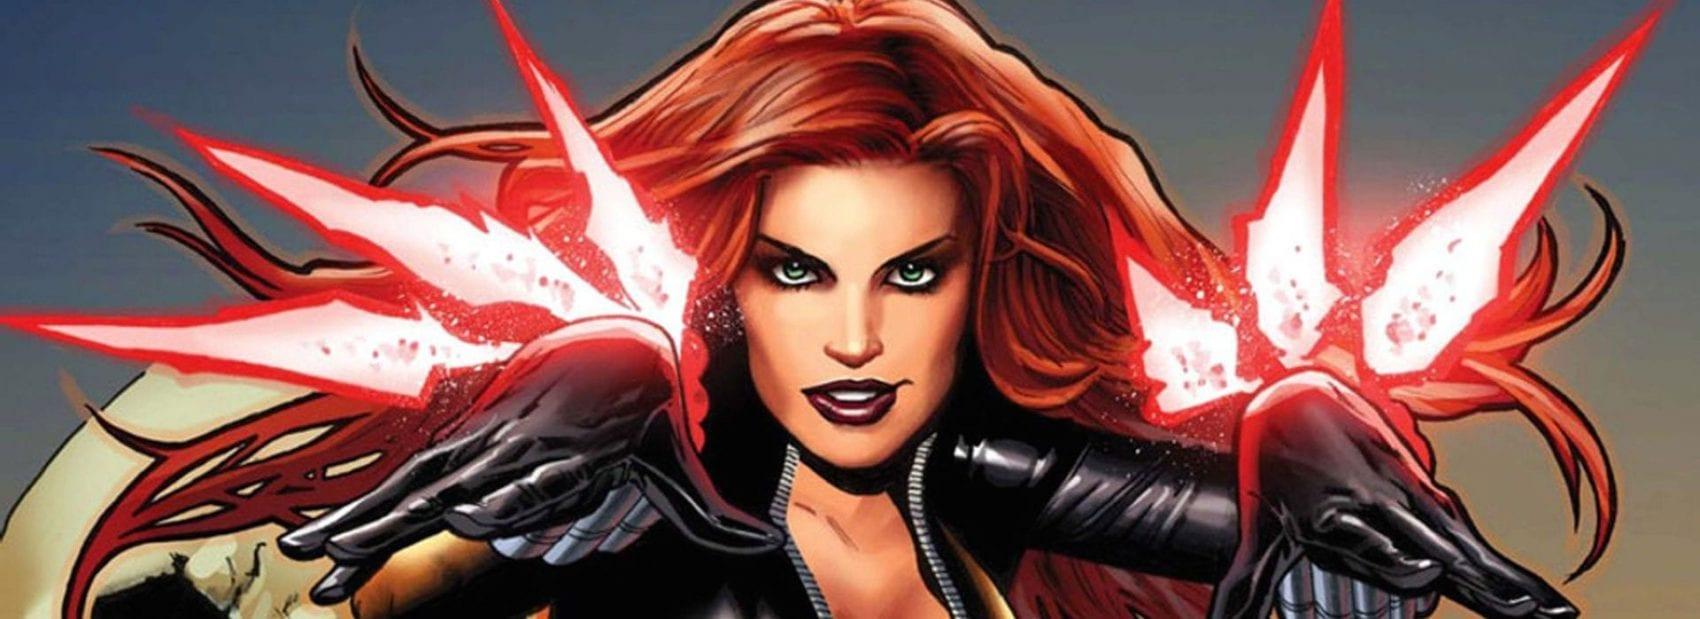 Harley Quinn VS Black Widow Battle My Geek Actu 6